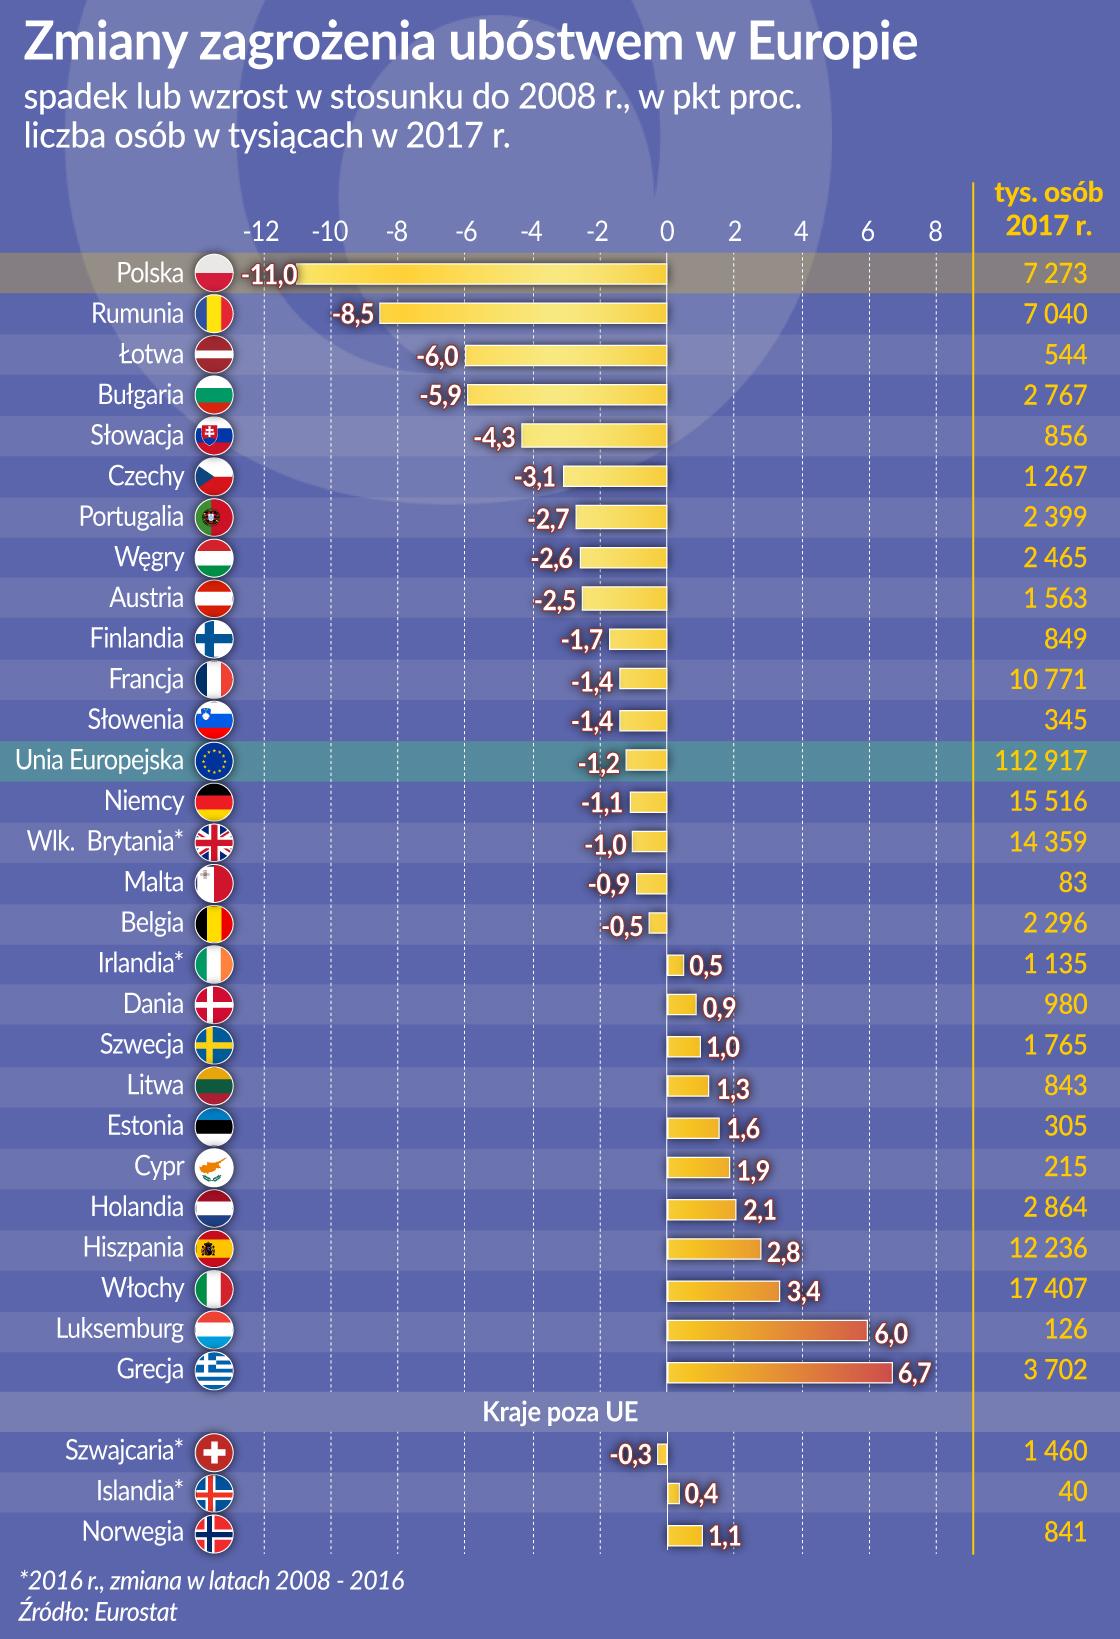 Ryzyko biedy najszybciej maleje w Polsce